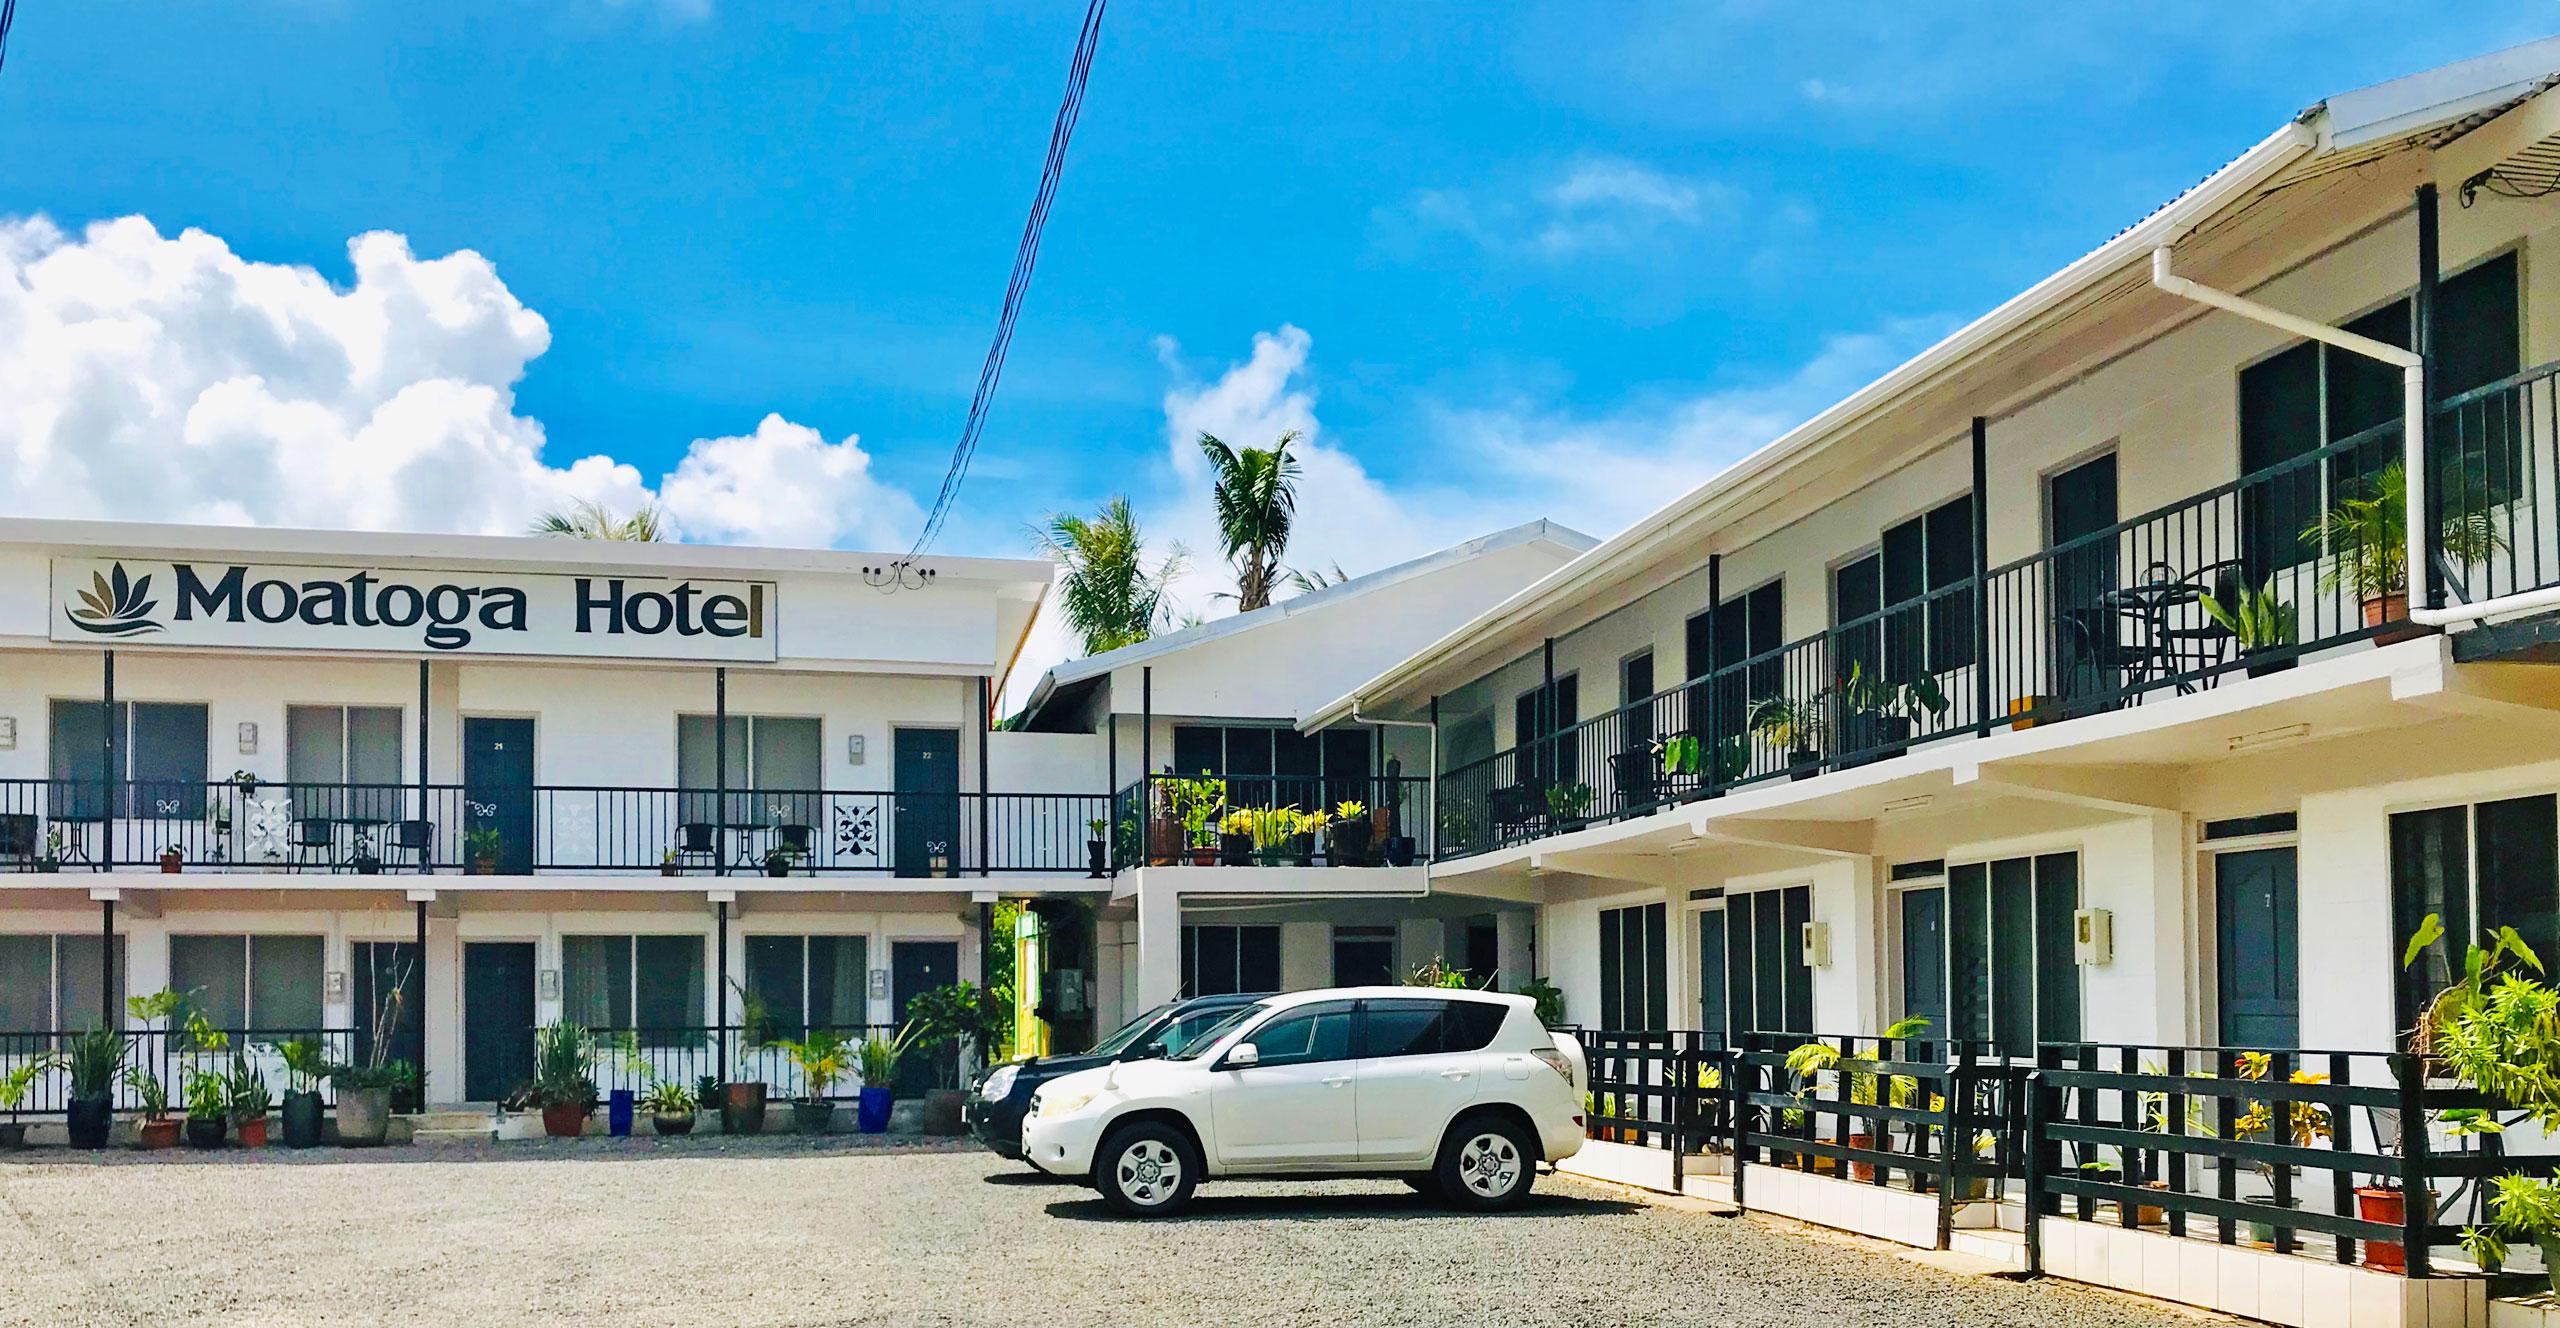 Samoa Accommodation - Moatoga Hotel